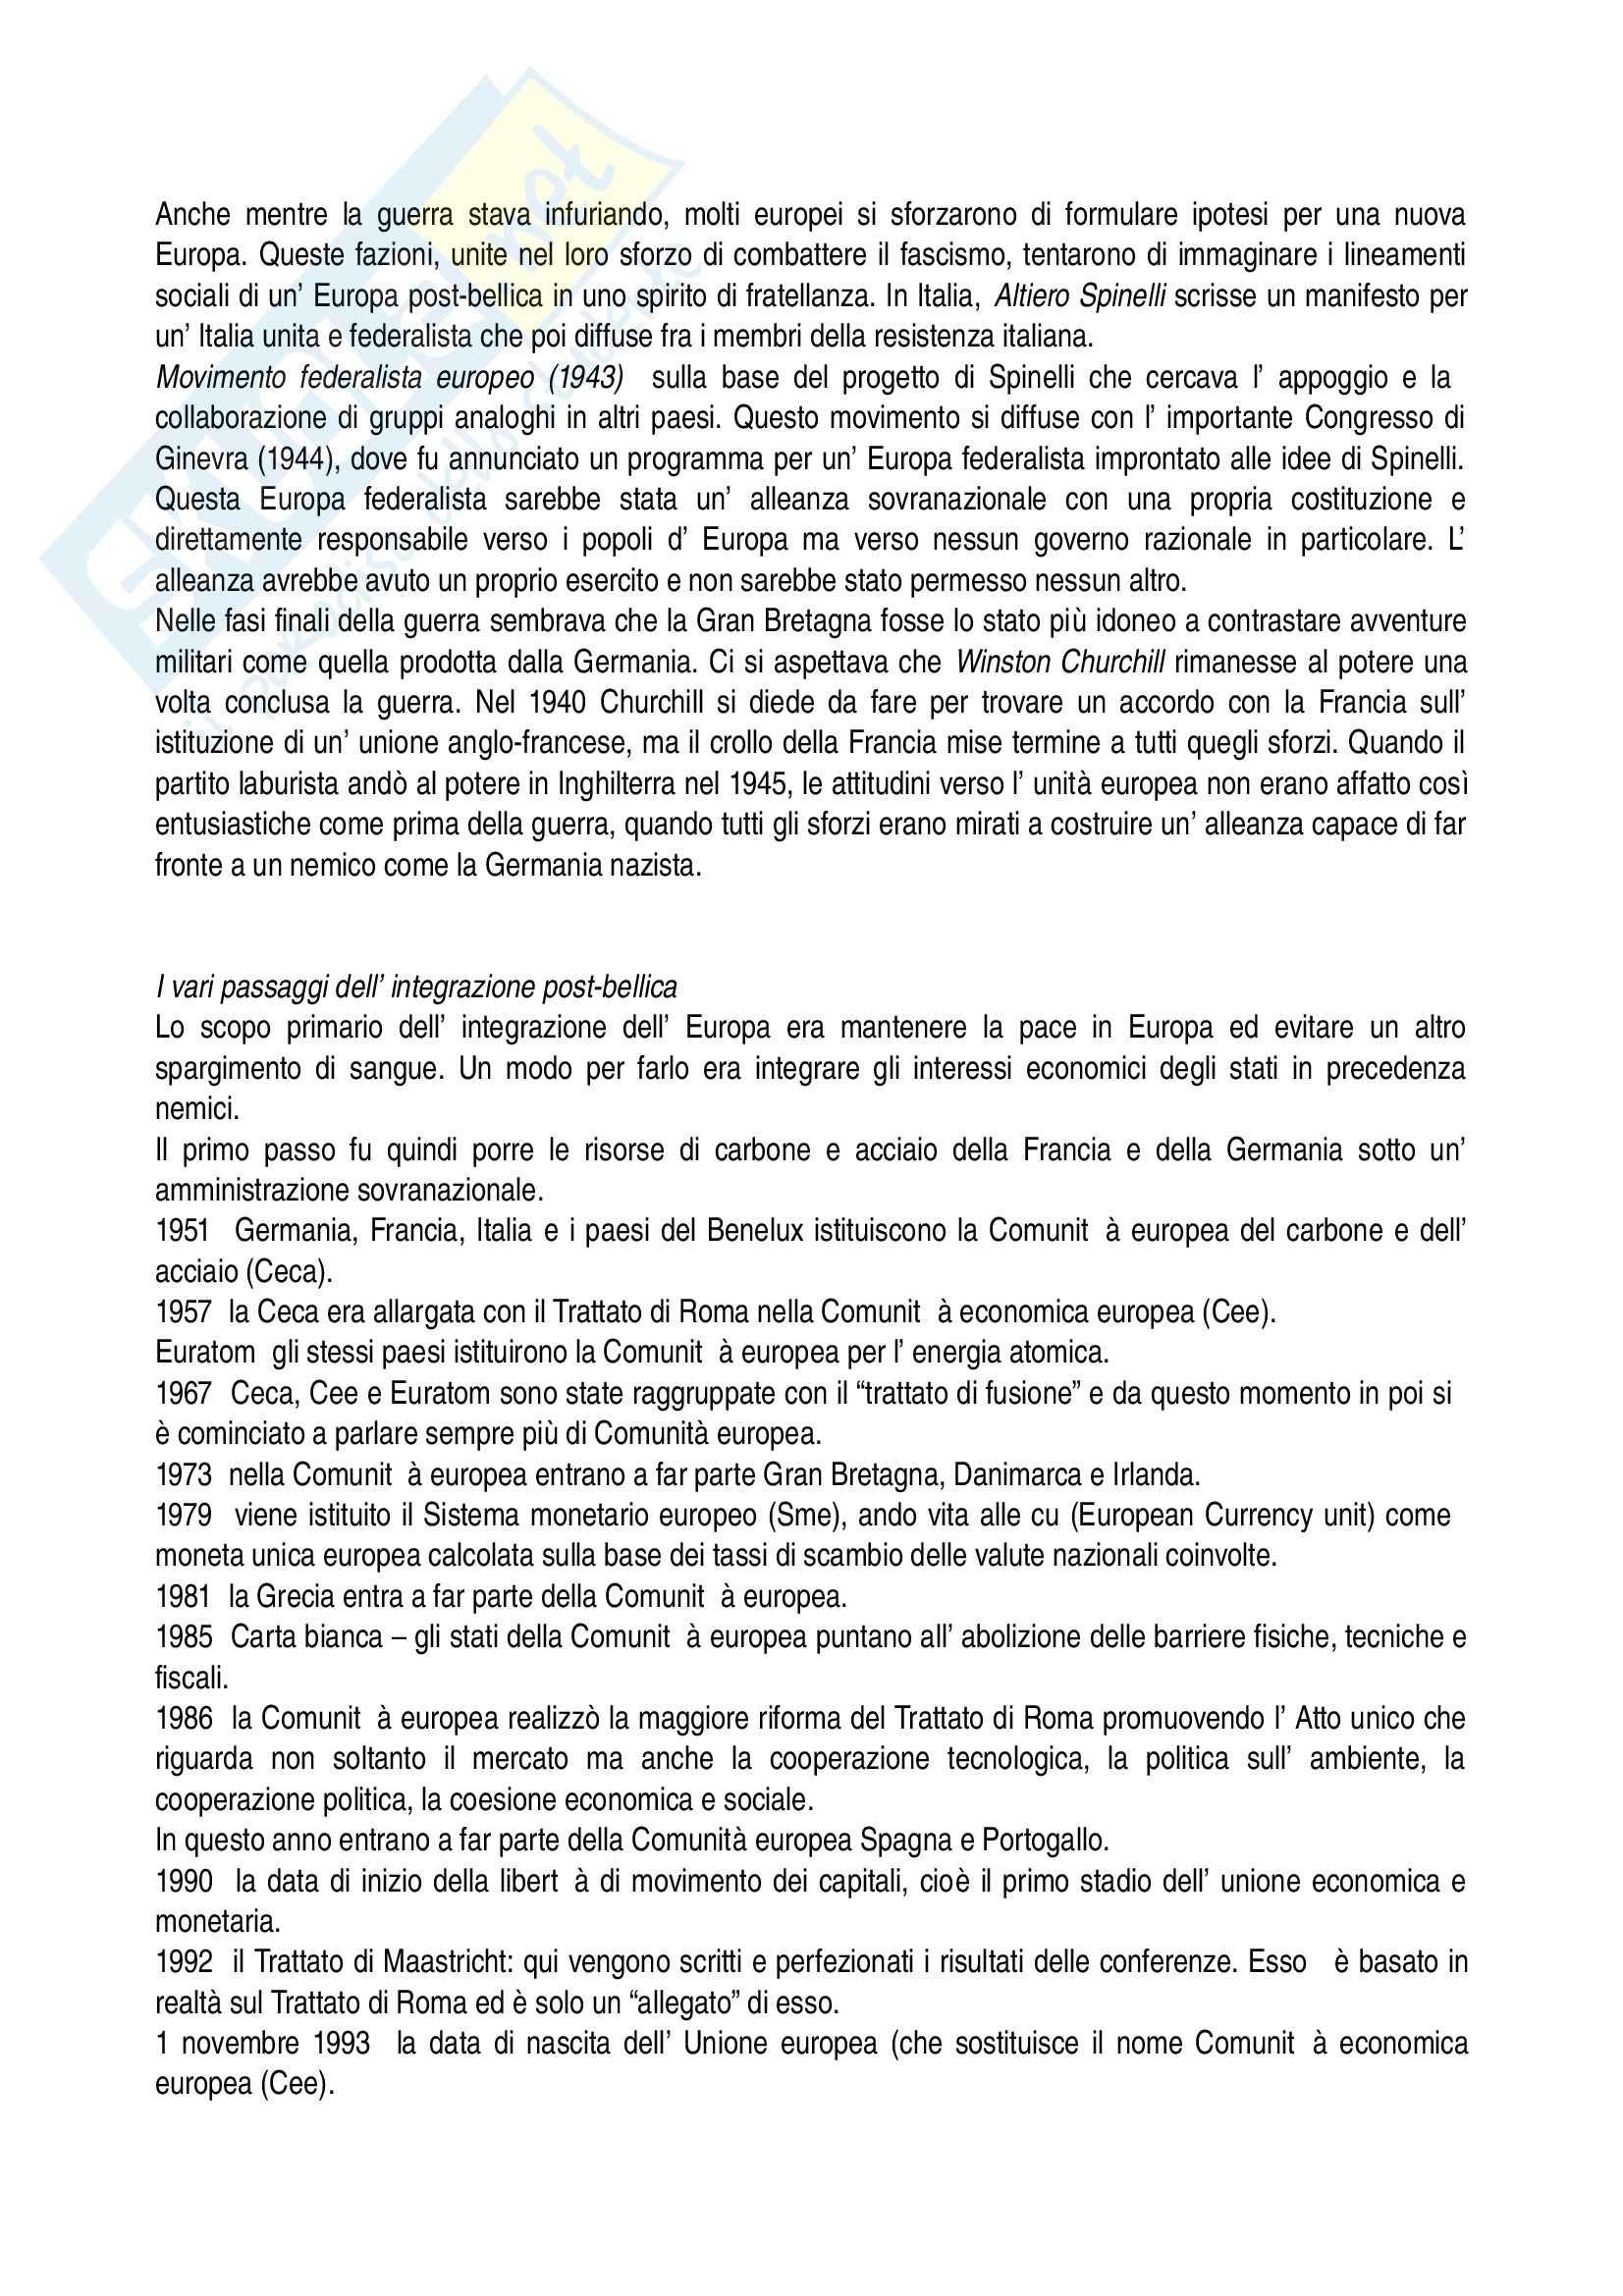 Riassunto esame Storia dell'Europa, prof. Zannini, libro consigliato Europa: Storia di un'Idea e di un'Identità di Mikkeli Pag. 16